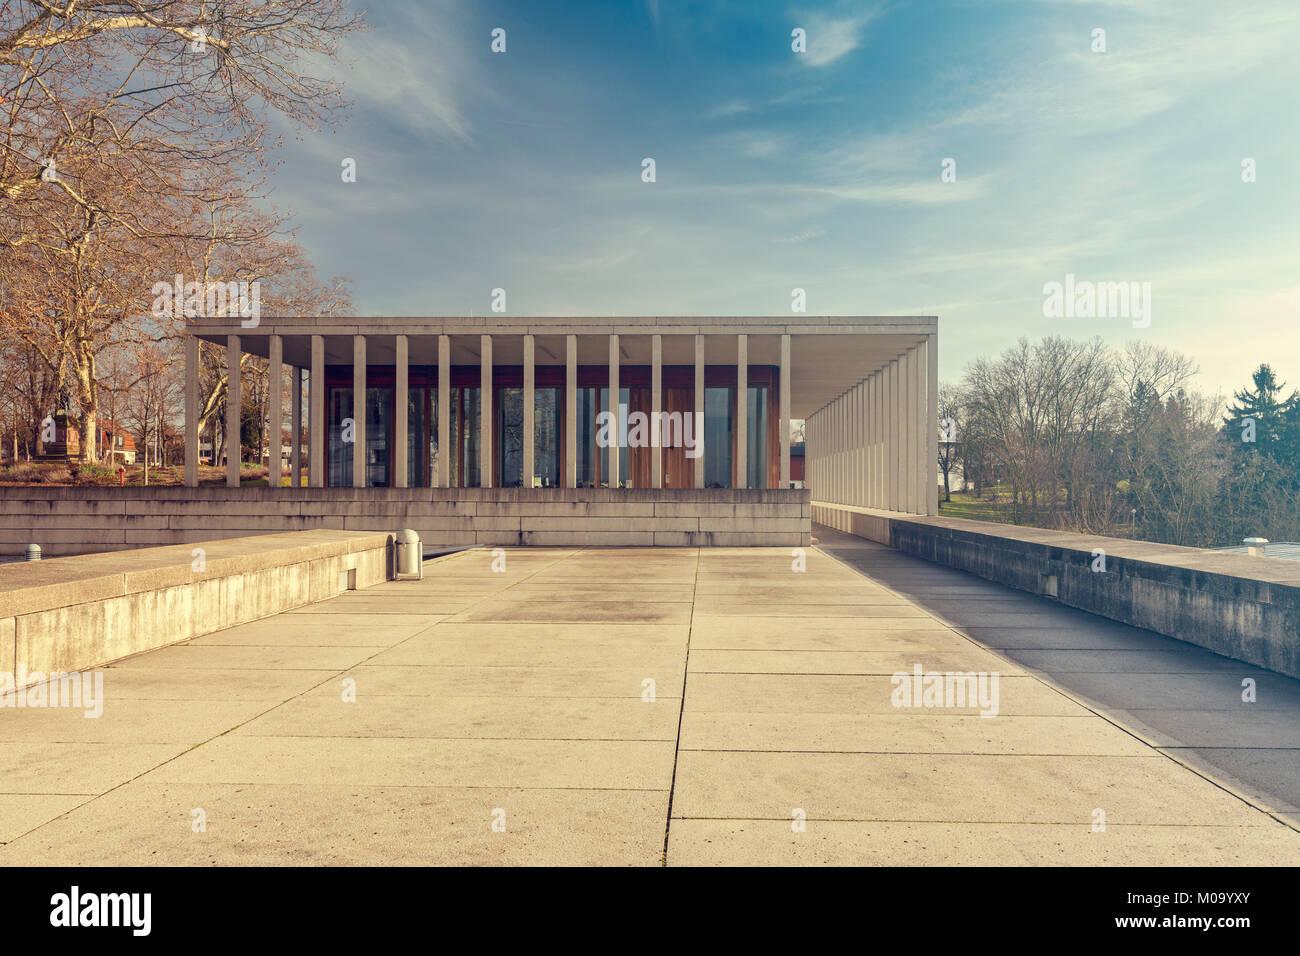 Das Museum für Literatur in Marbach, Deutschland. Stockbild